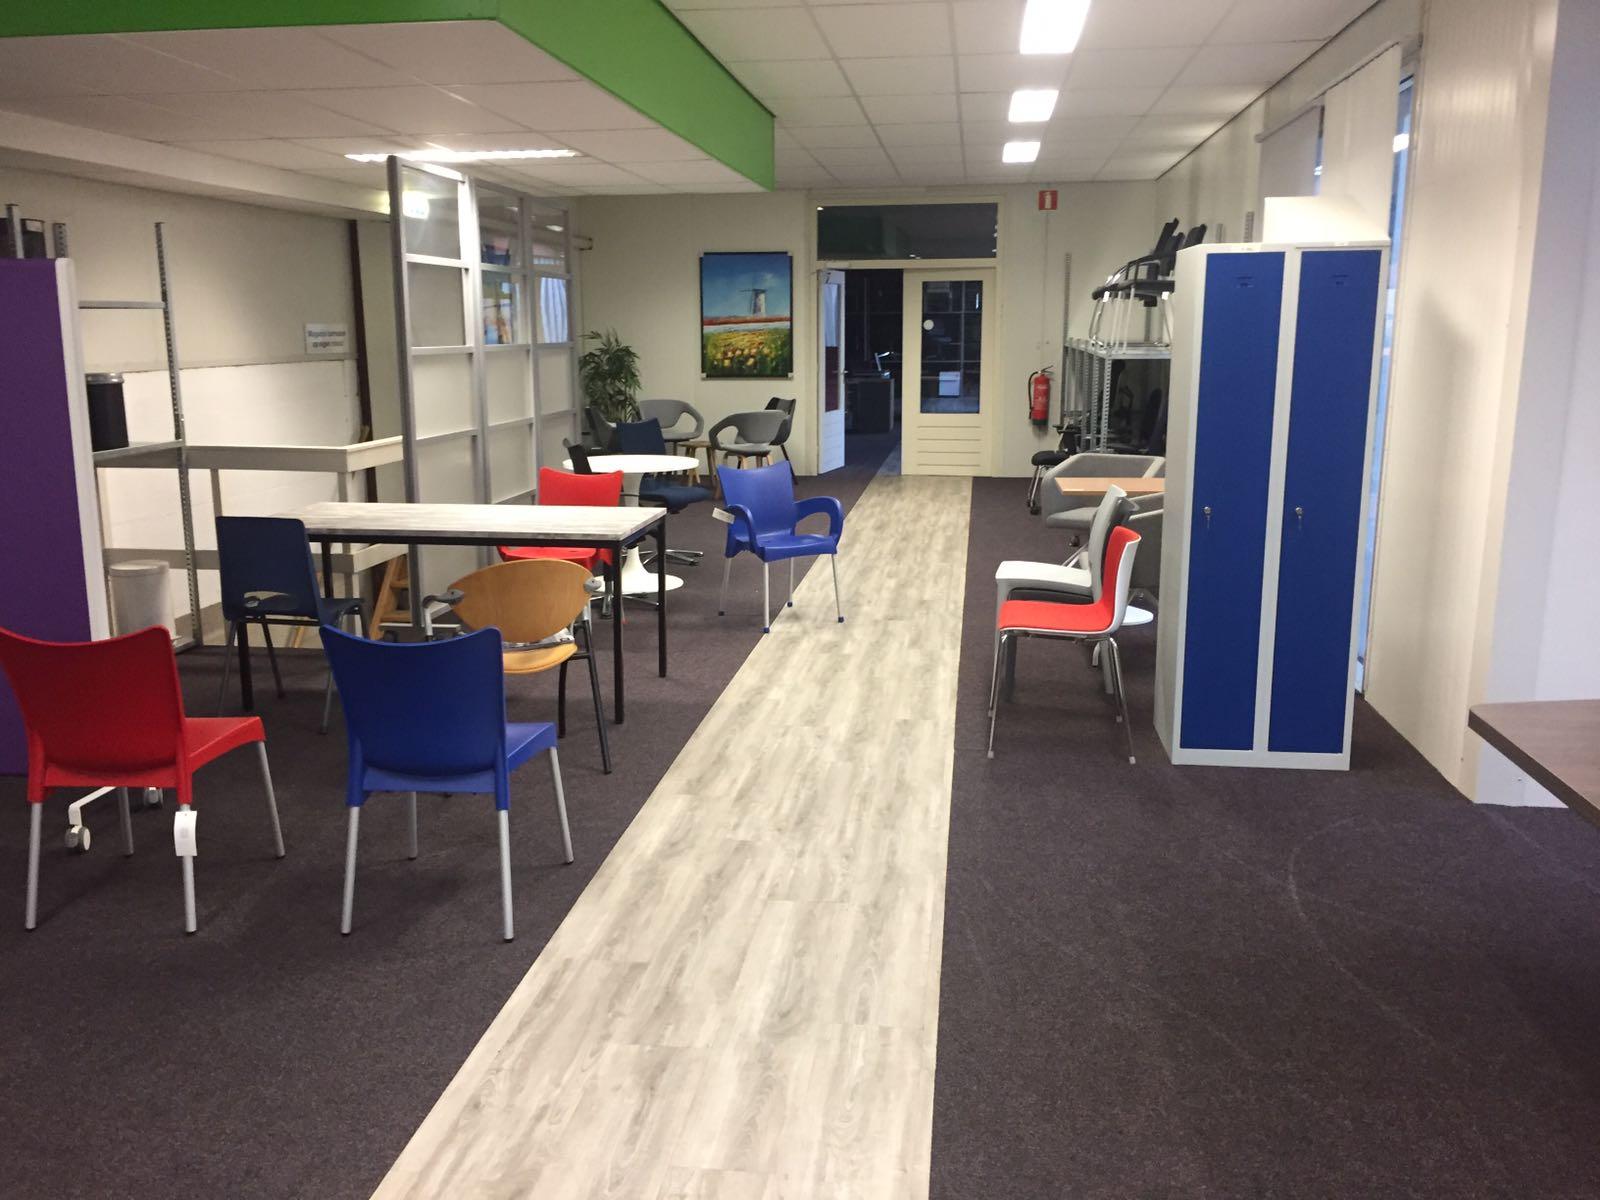 Kantoormeubelen Gebruikt Groningen.Showroom Nieuwegein